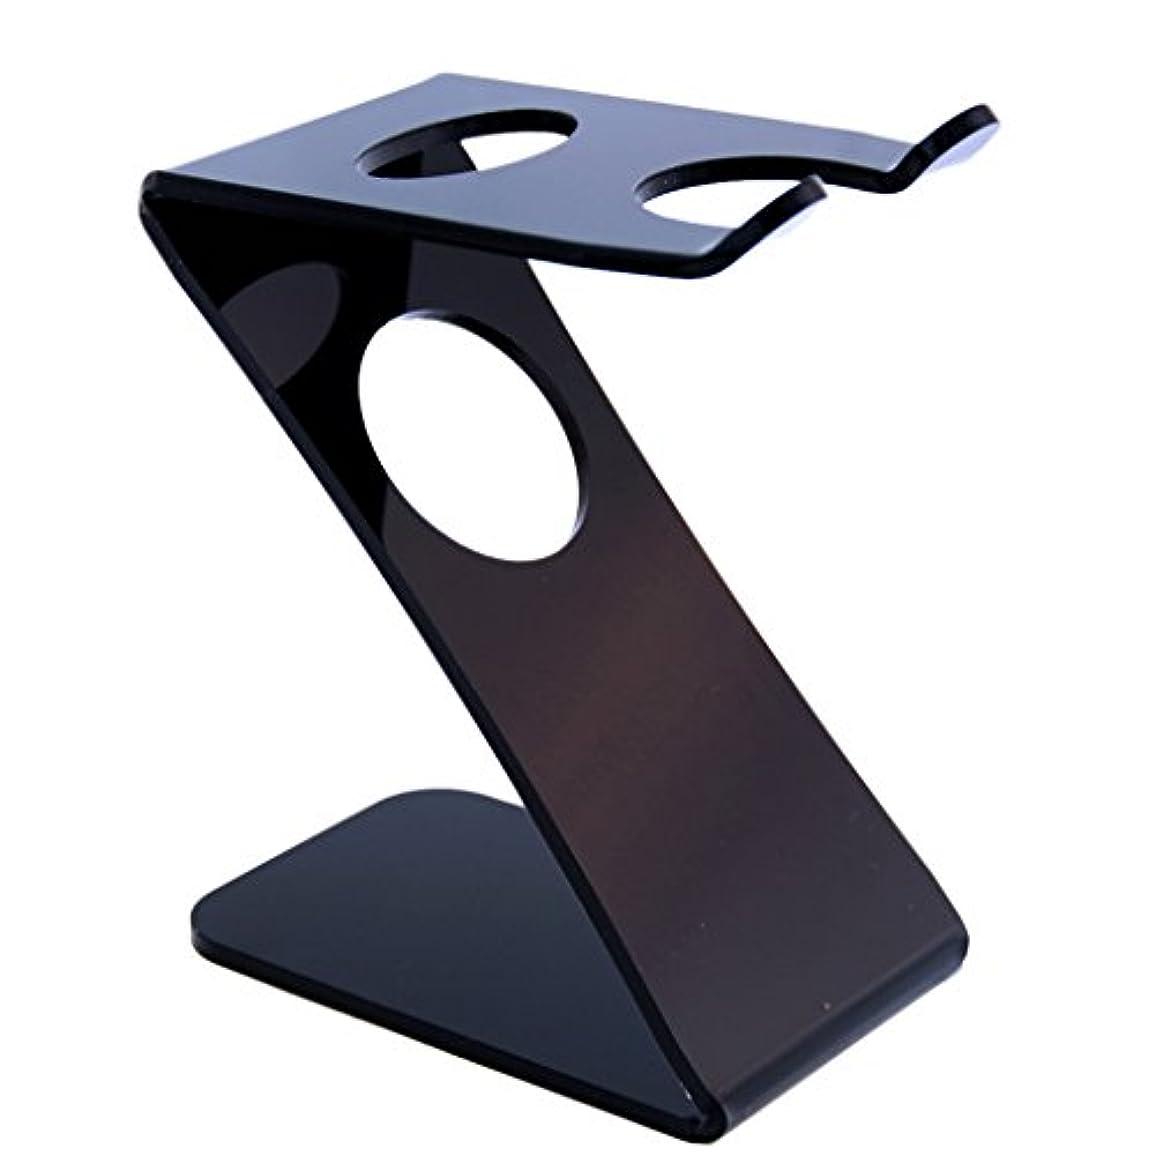 高度な陰気透過性プラスチック シェービングブラシ用 髭剃り ホルダー スタンド ブラック 清潔 乾く安い